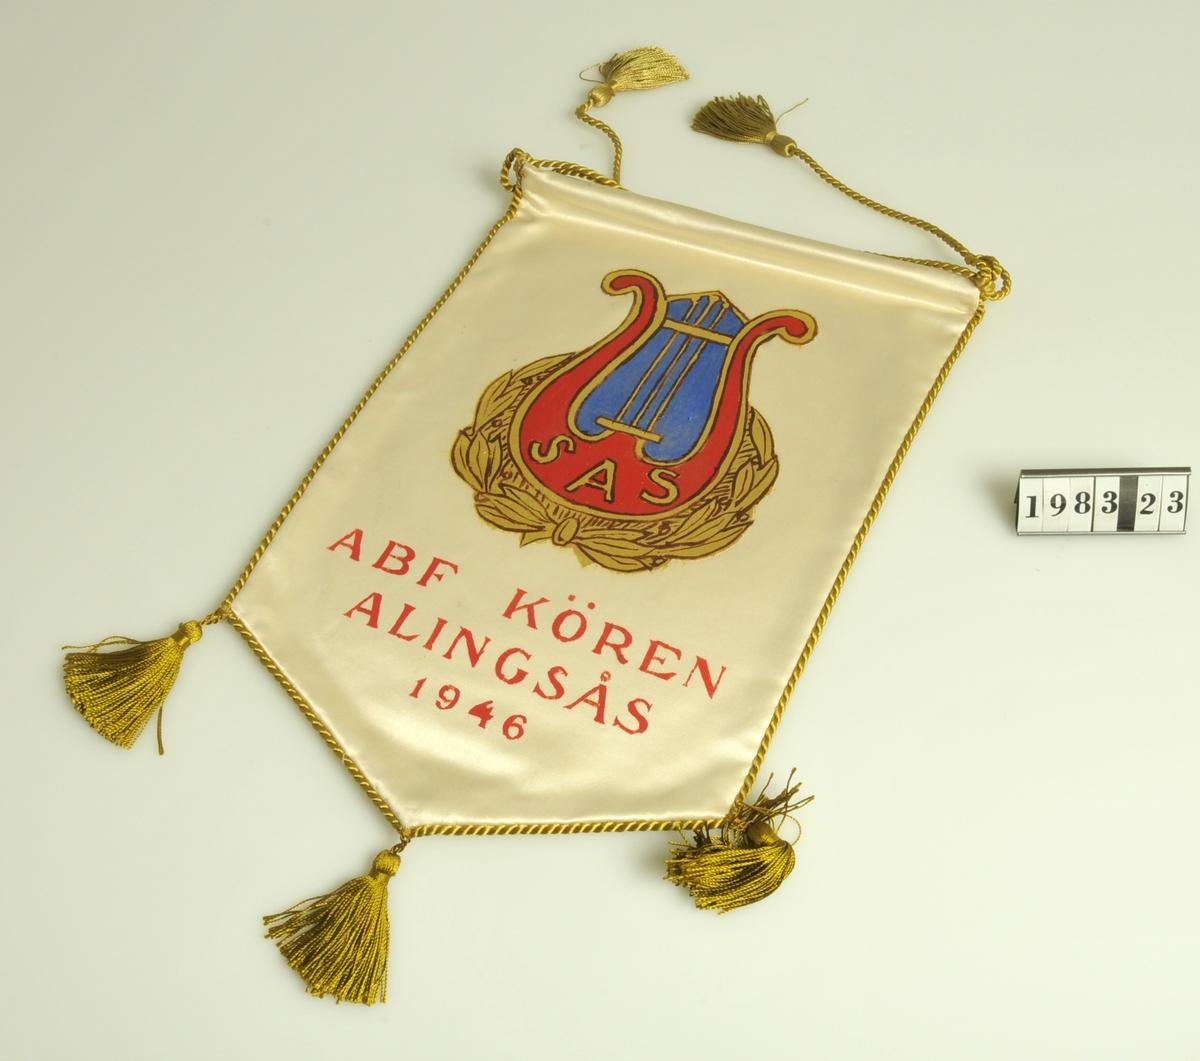 Tyg av vitt siden bemålat med emblem i form av lyra i rött, blått och guldfärg.  Inom lyran bokstäverna: S A S = Svenska Arbetarsångarförbundet.  På standarets nedre del texten: ABF-KÖREN ALINGSÅS 1946 målat i rött.  Silkestofsar och -snoddar inramar standaret.  Storlek: 18 x 28,5 cm.  Föremålet tillvarataget i källaren på Rådhuset vid inventering i mars 1983.  Överlämnat i mars 1983 av kommunsekreterare Tord Jansson, Alingsås.